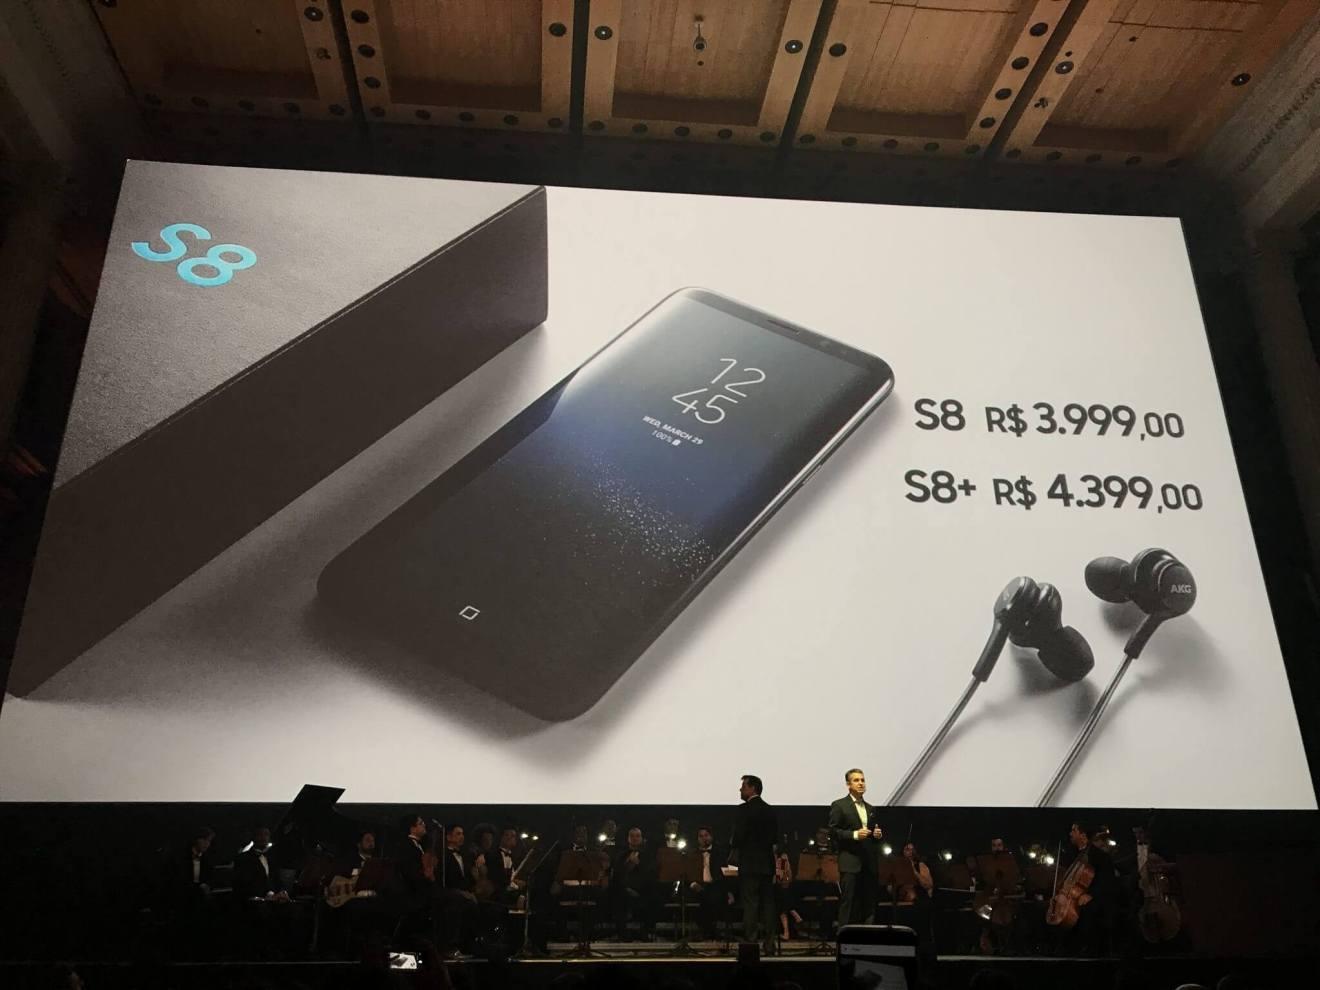 IMG 1875 - Galaxy S8 e S8+ chegam ao Brasil. Confira tudo sobre eles